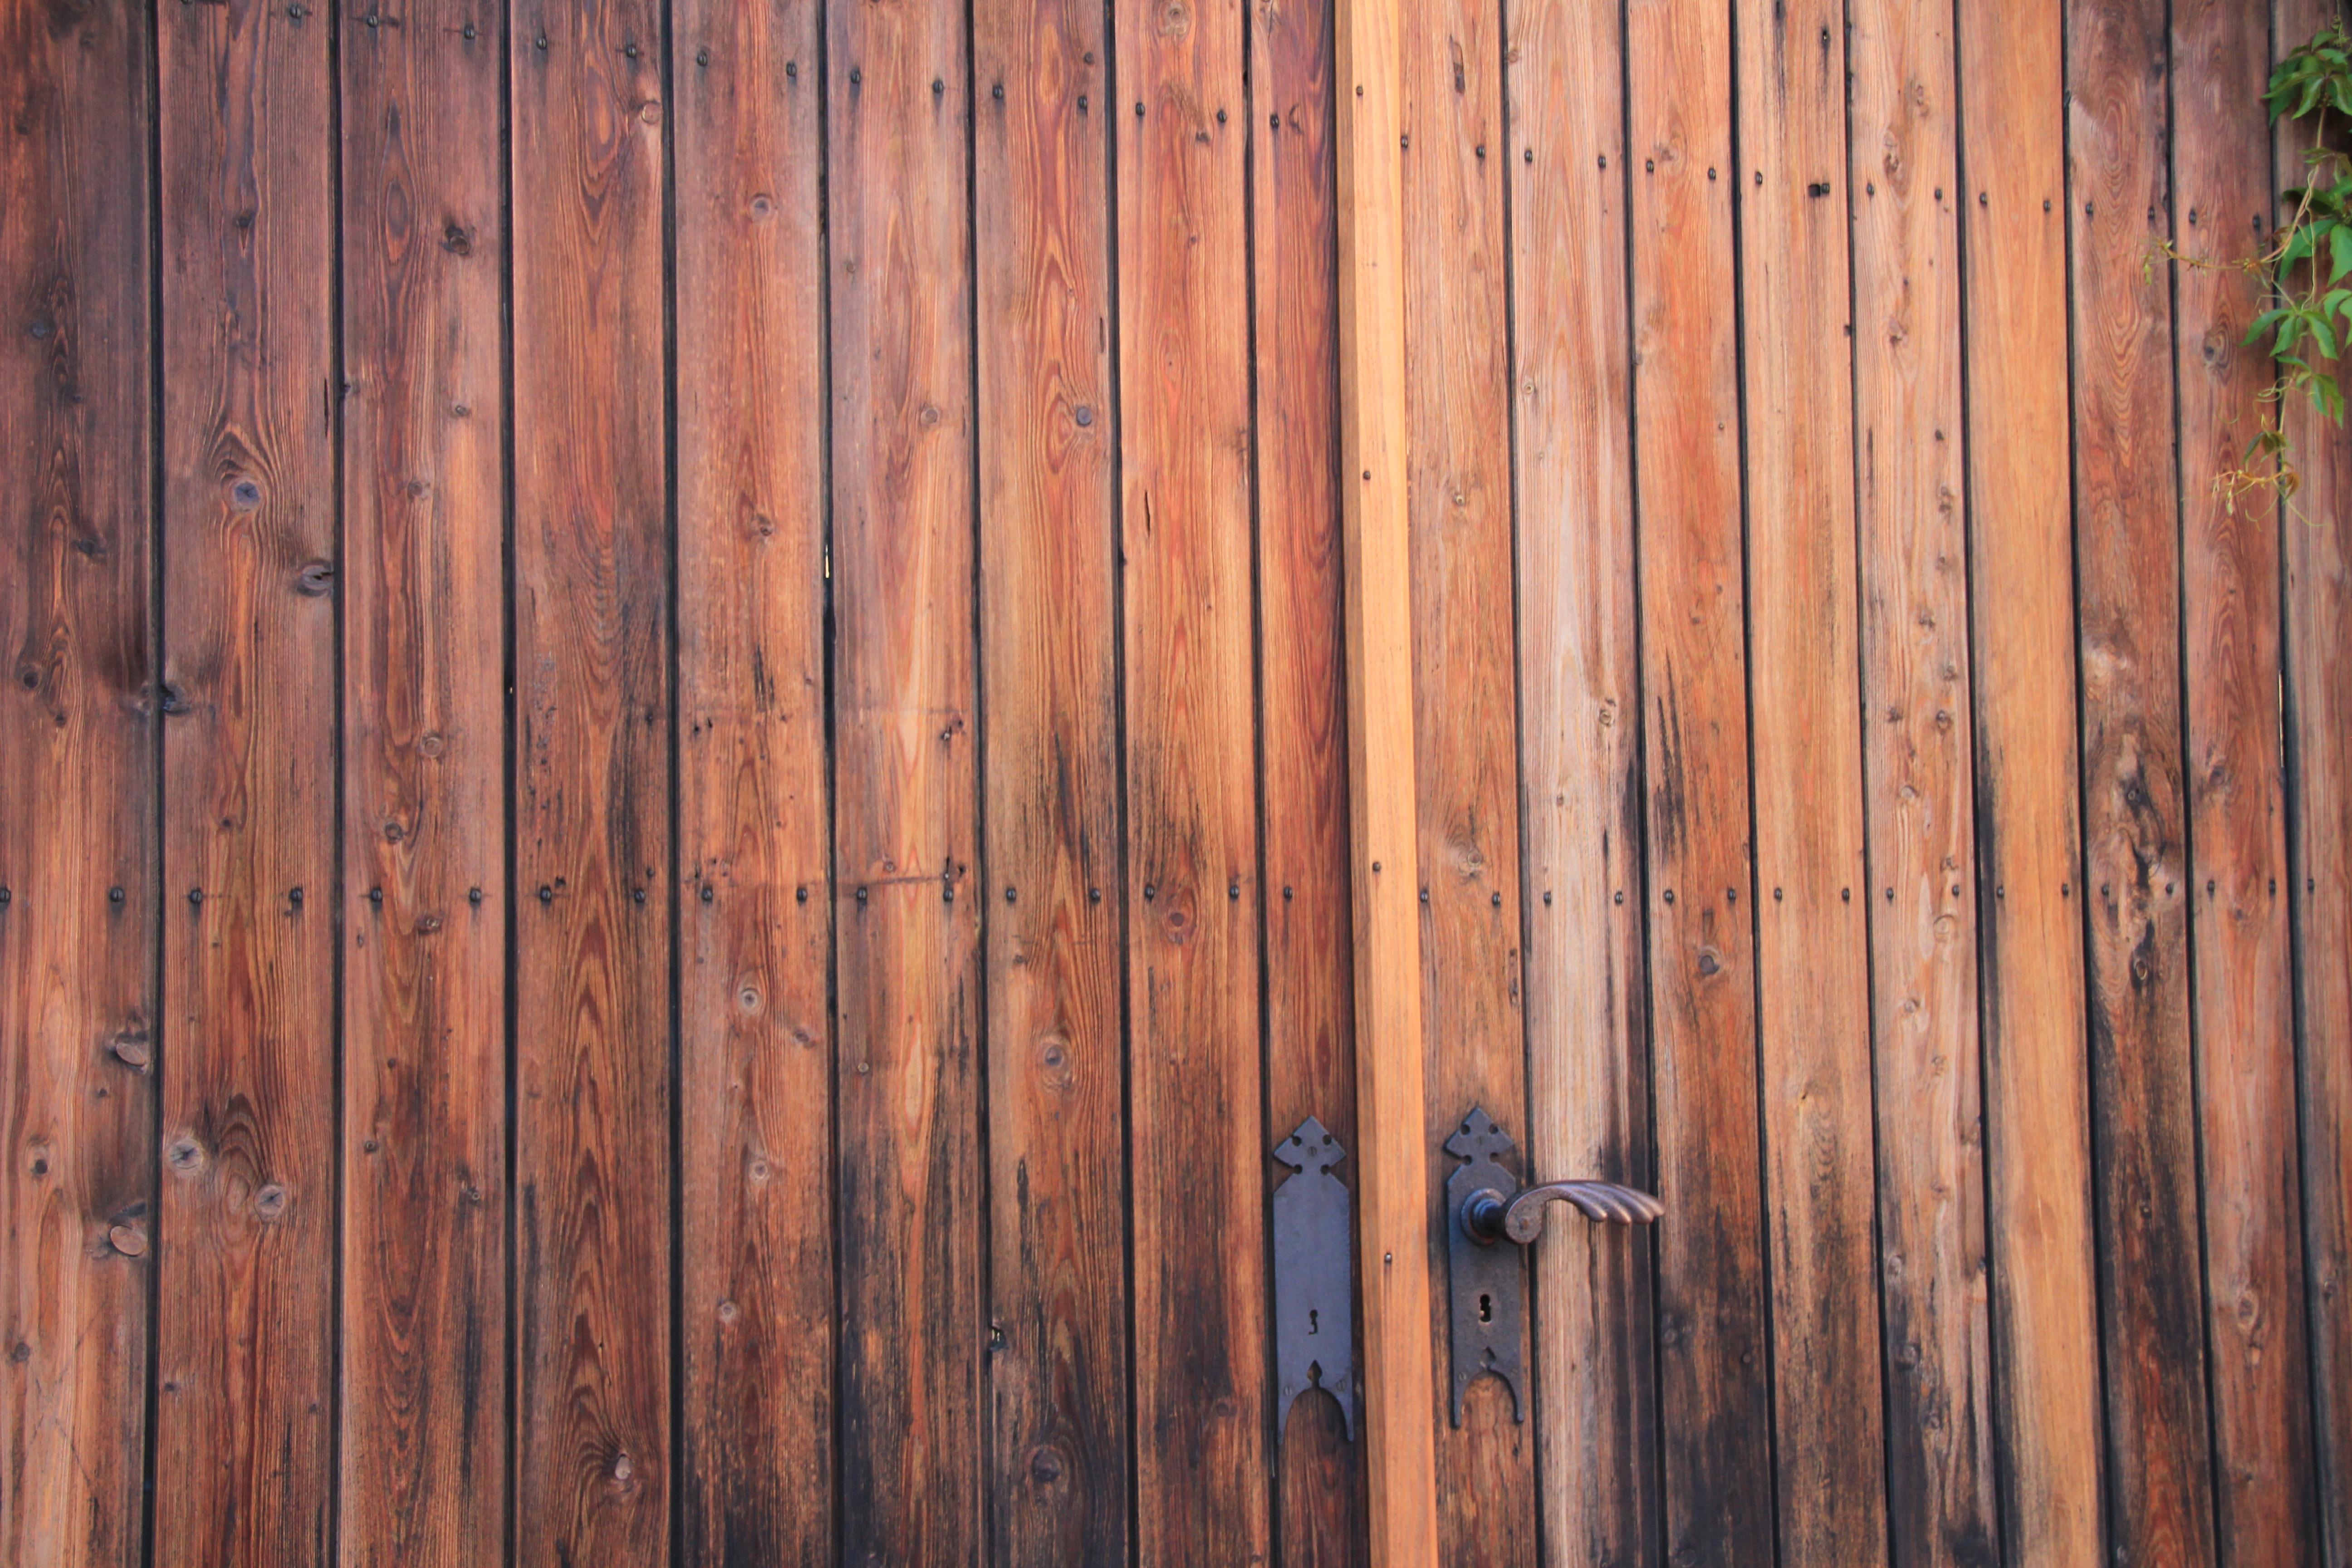 La Plinthe Du Mur images gratuites : texture, planche, mur, porte, objectif